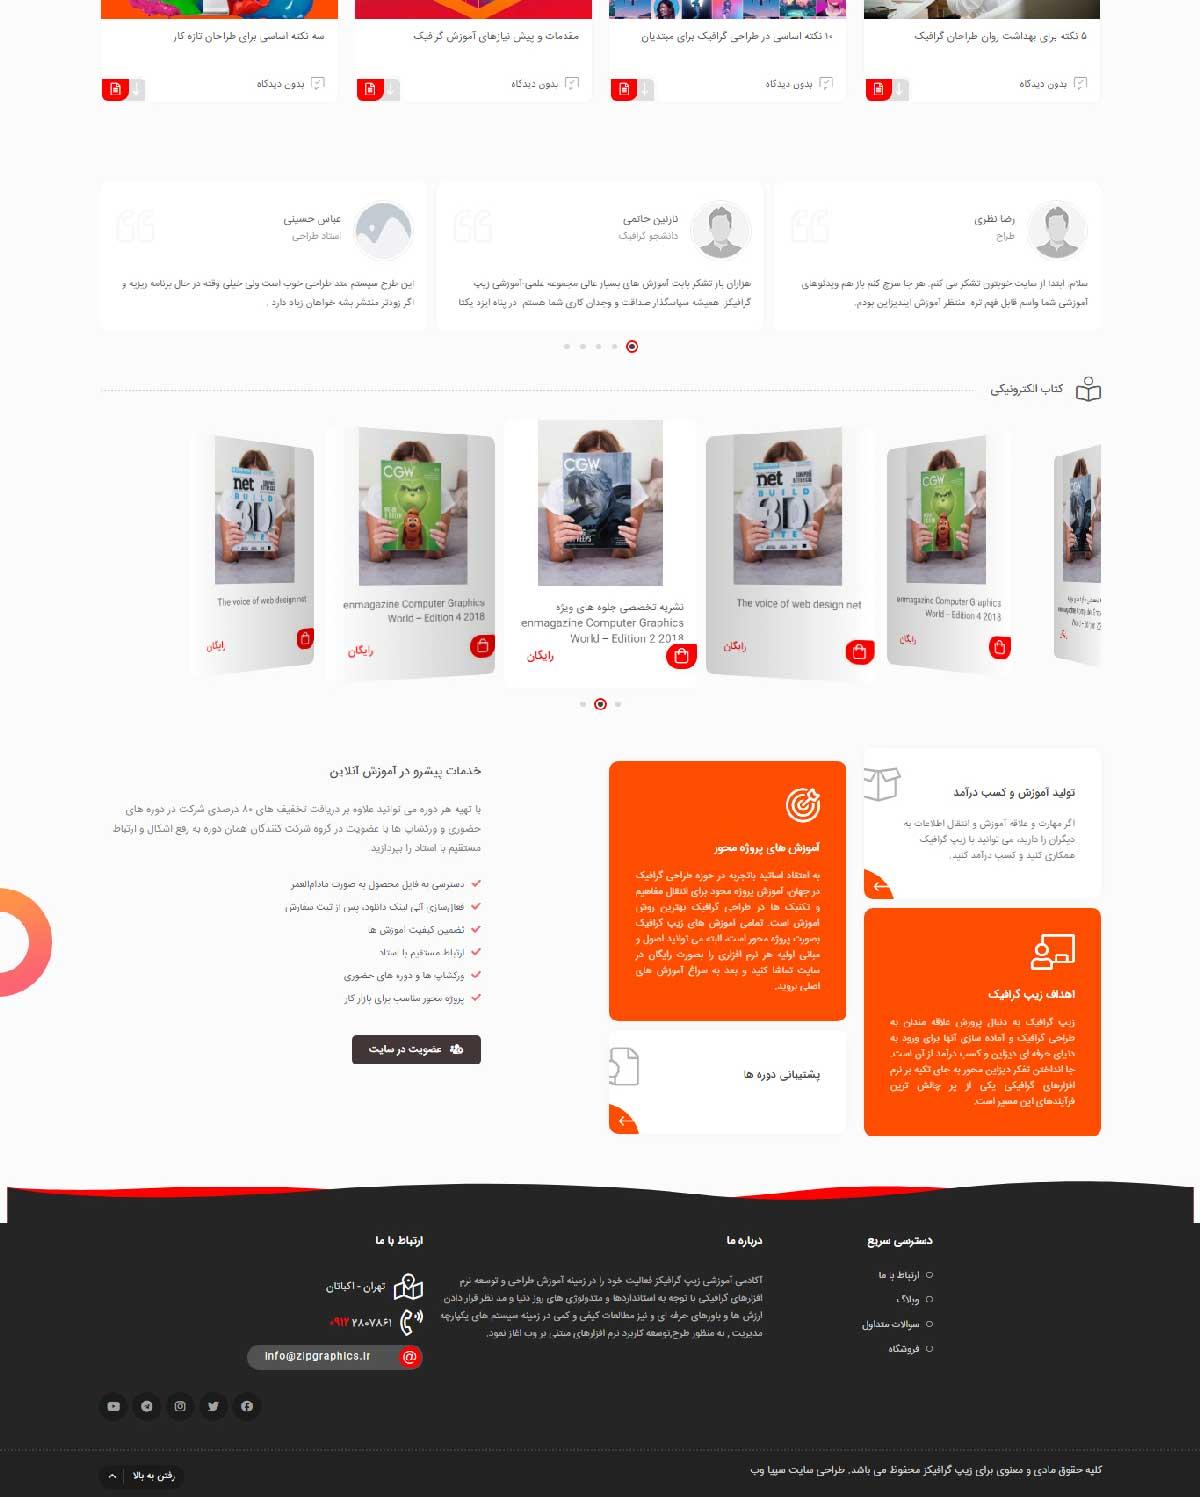 طراحی سایت آموزشی طراحی و گرافیک